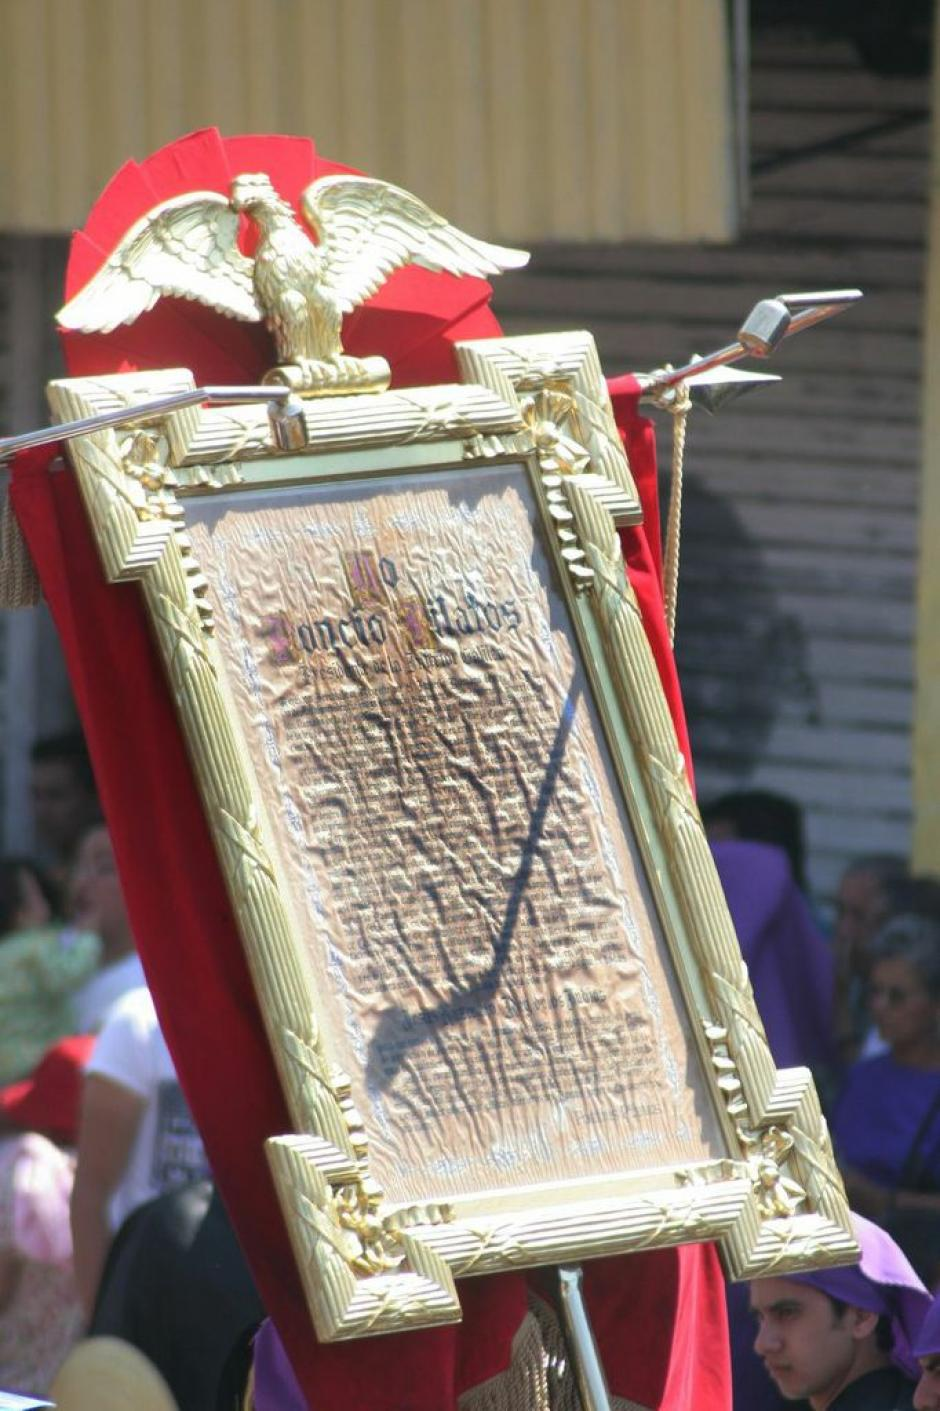 En la procesión se puede apreciar la proclama de Poncio Pilatos, el prefecto romano que condenó a Jesús a petición del pueblo. (Foto: Raúl Illescas).